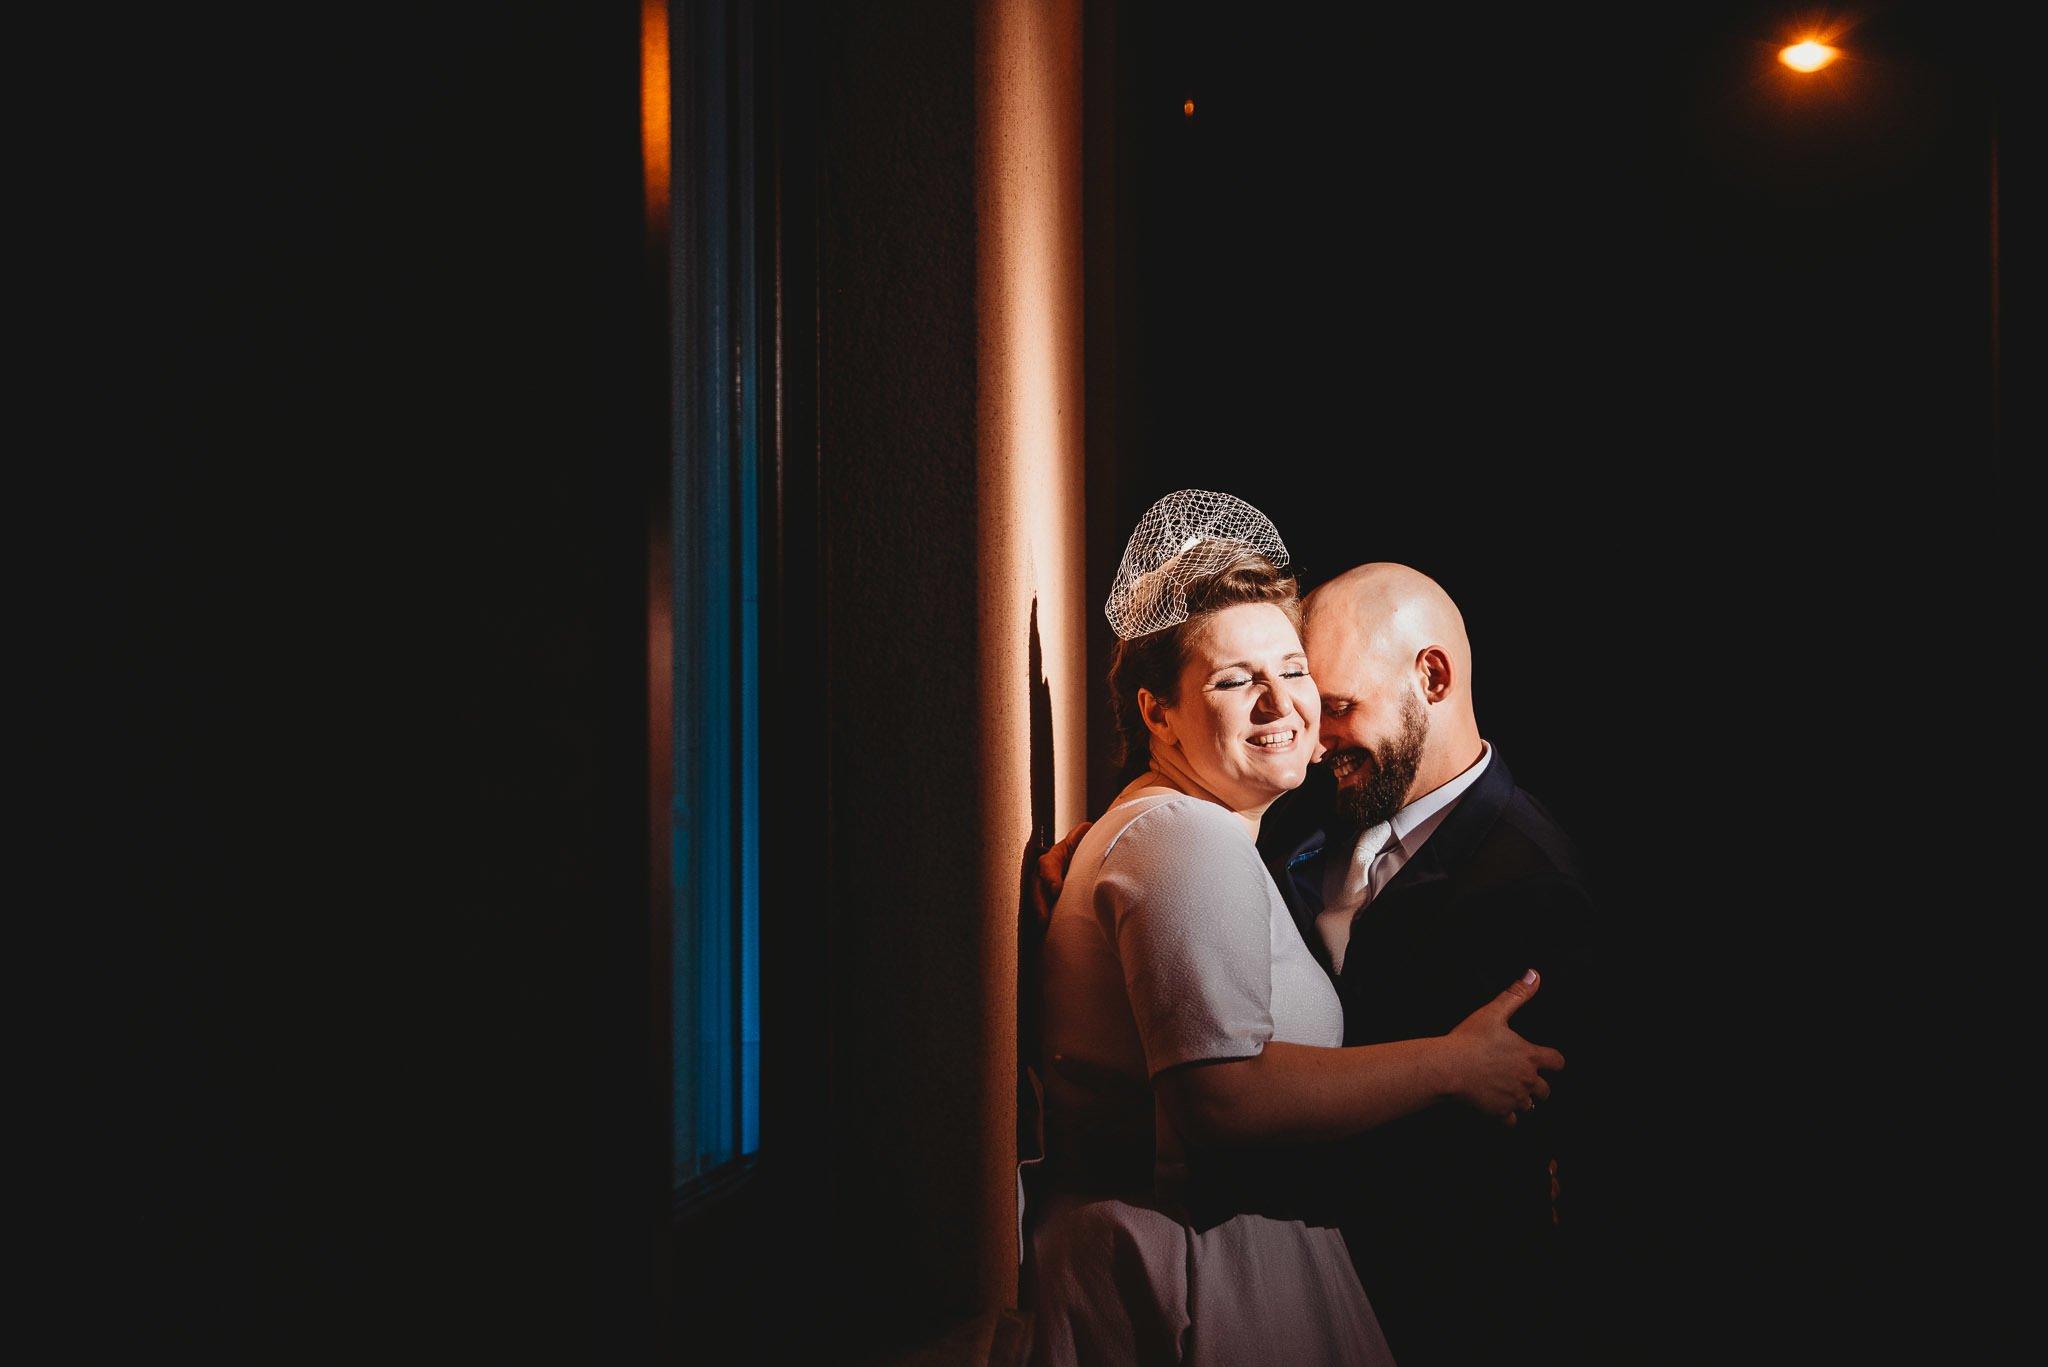 kreatywna fotografia, ślubna, zabawa światłem, spontaniczne zdjęcia, wygłupy młodych, szaleństwo, hotoel behapowiec, grodzisk wielkopolski,